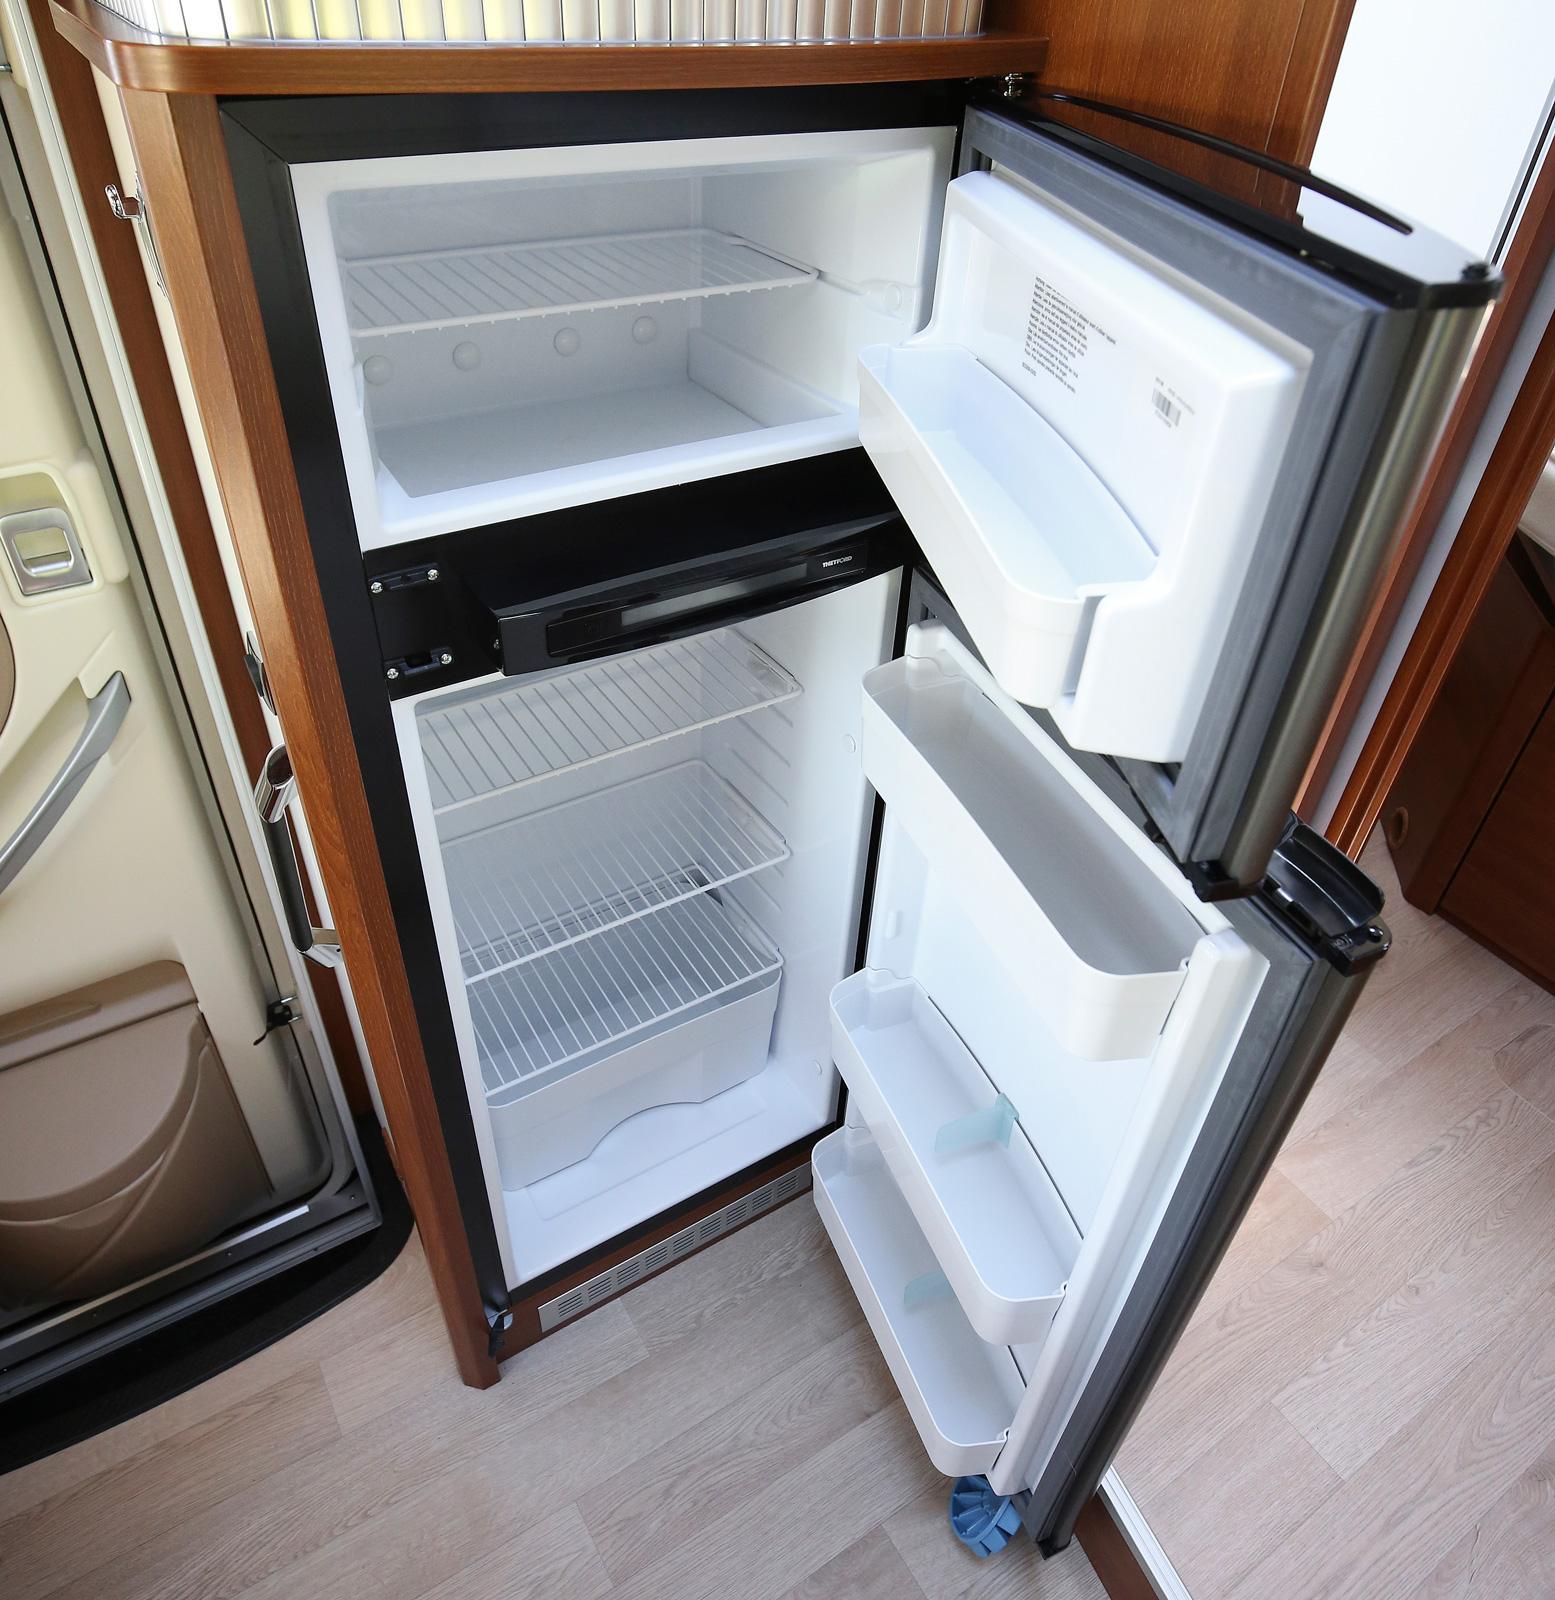 Kylskåpet är ganska lågt placerat.